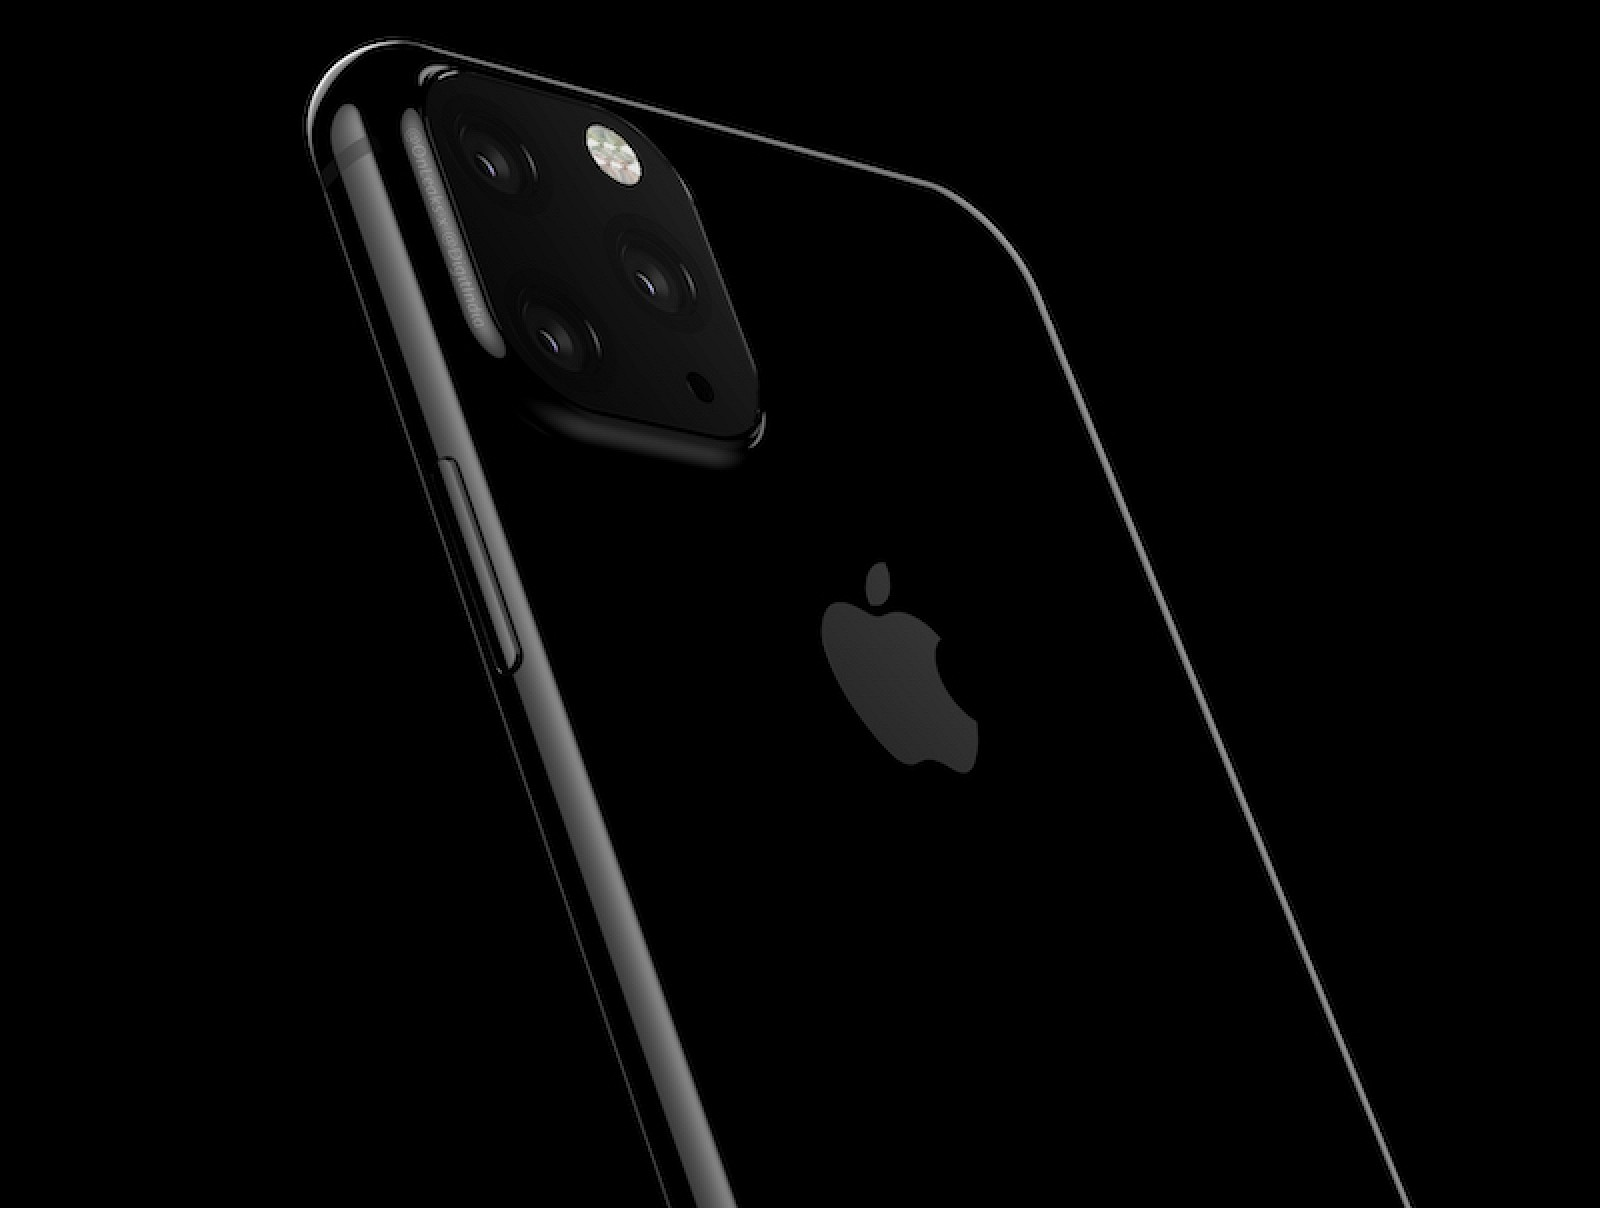 郭明錤:新iPhone将升级至三摄,配备超广角